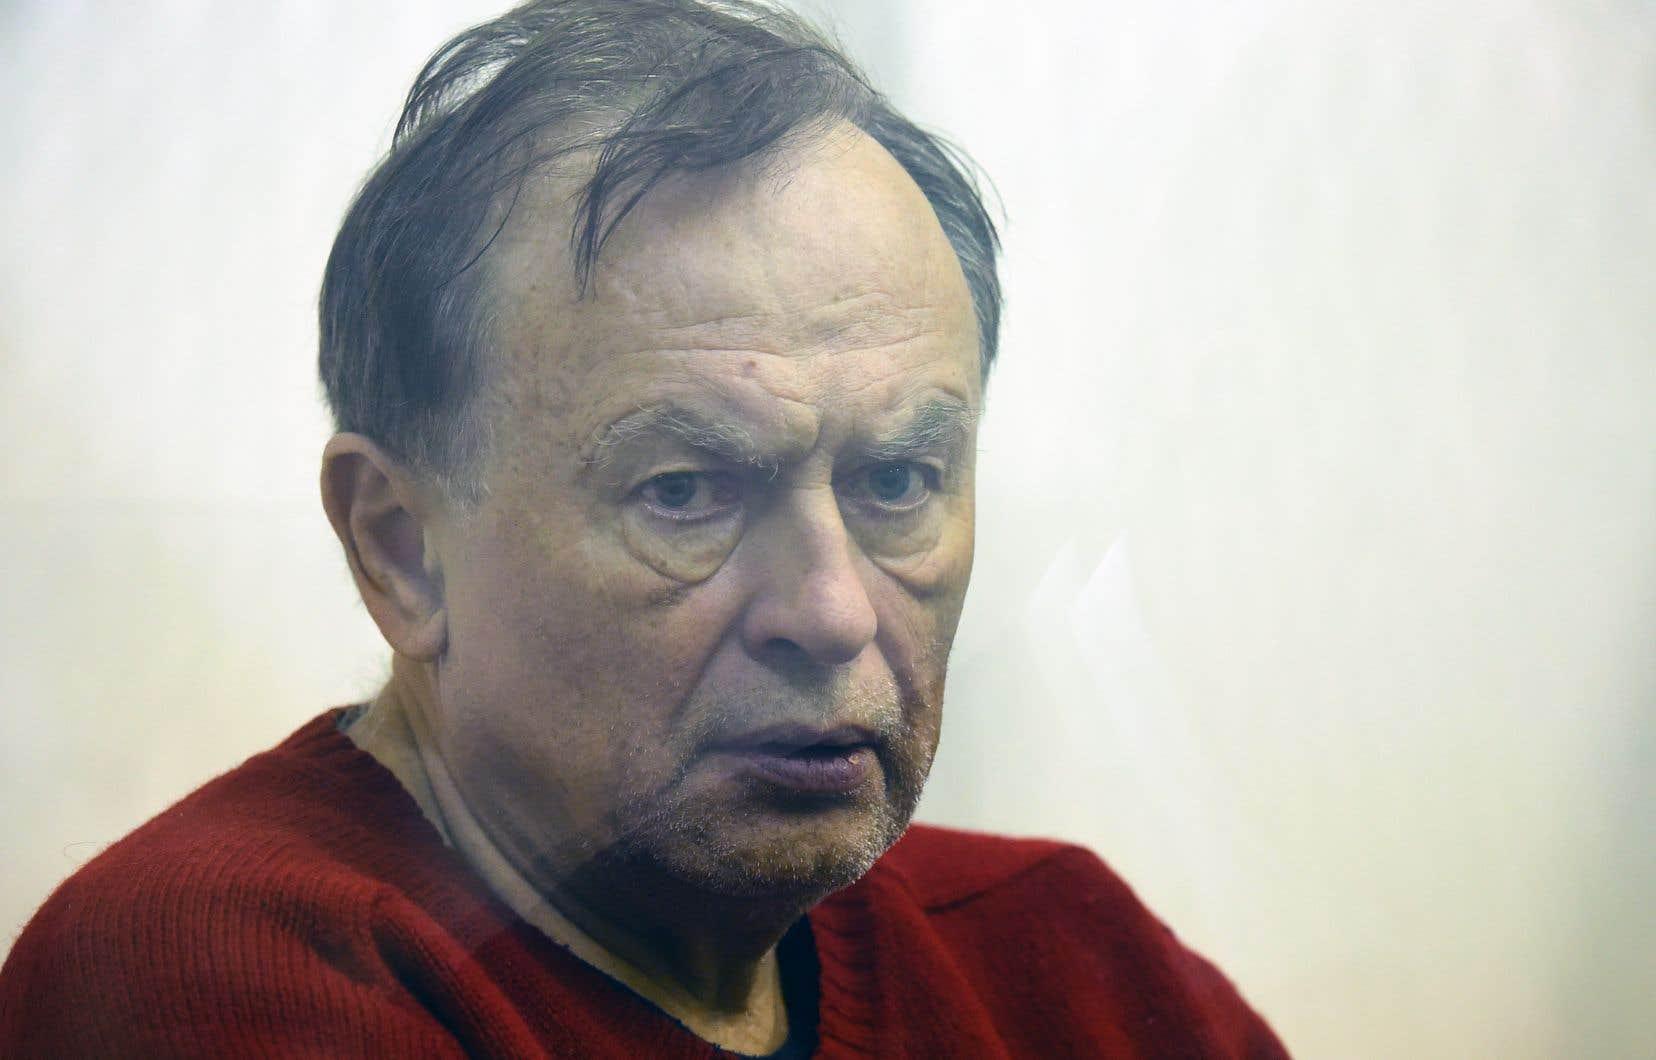 Oleg Sokolov aurait déclaré aux enquêteurs avoir tué lors d'une dispute son ancienne étudiante Anastassia Echtchenko, avec qui il avait une liaison.